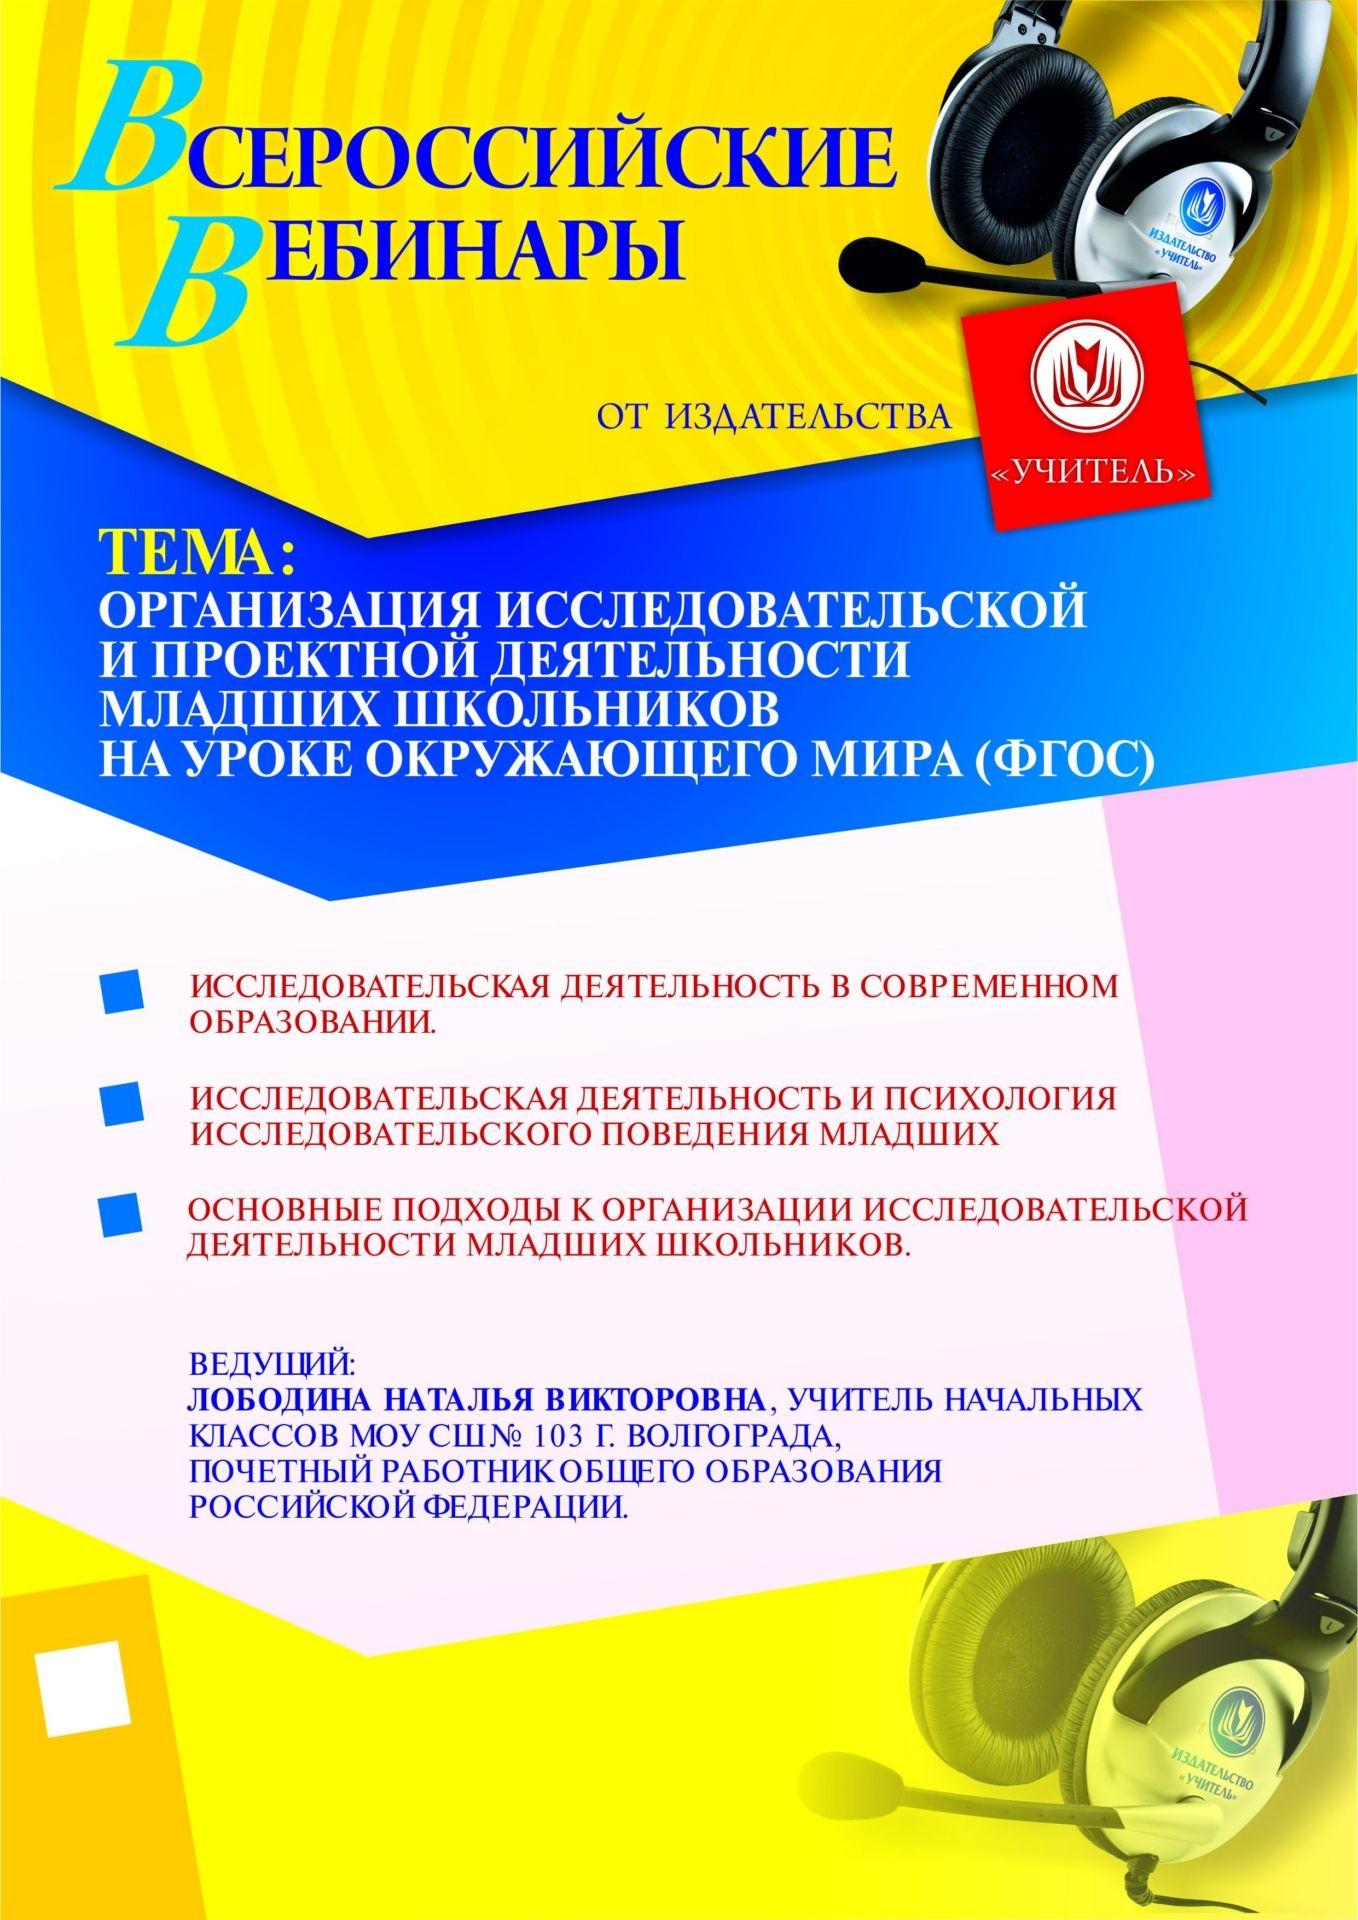 Организация исследовательской и проектной деятельности младших школьников на уроке окружающего мира (ФГОС) фото